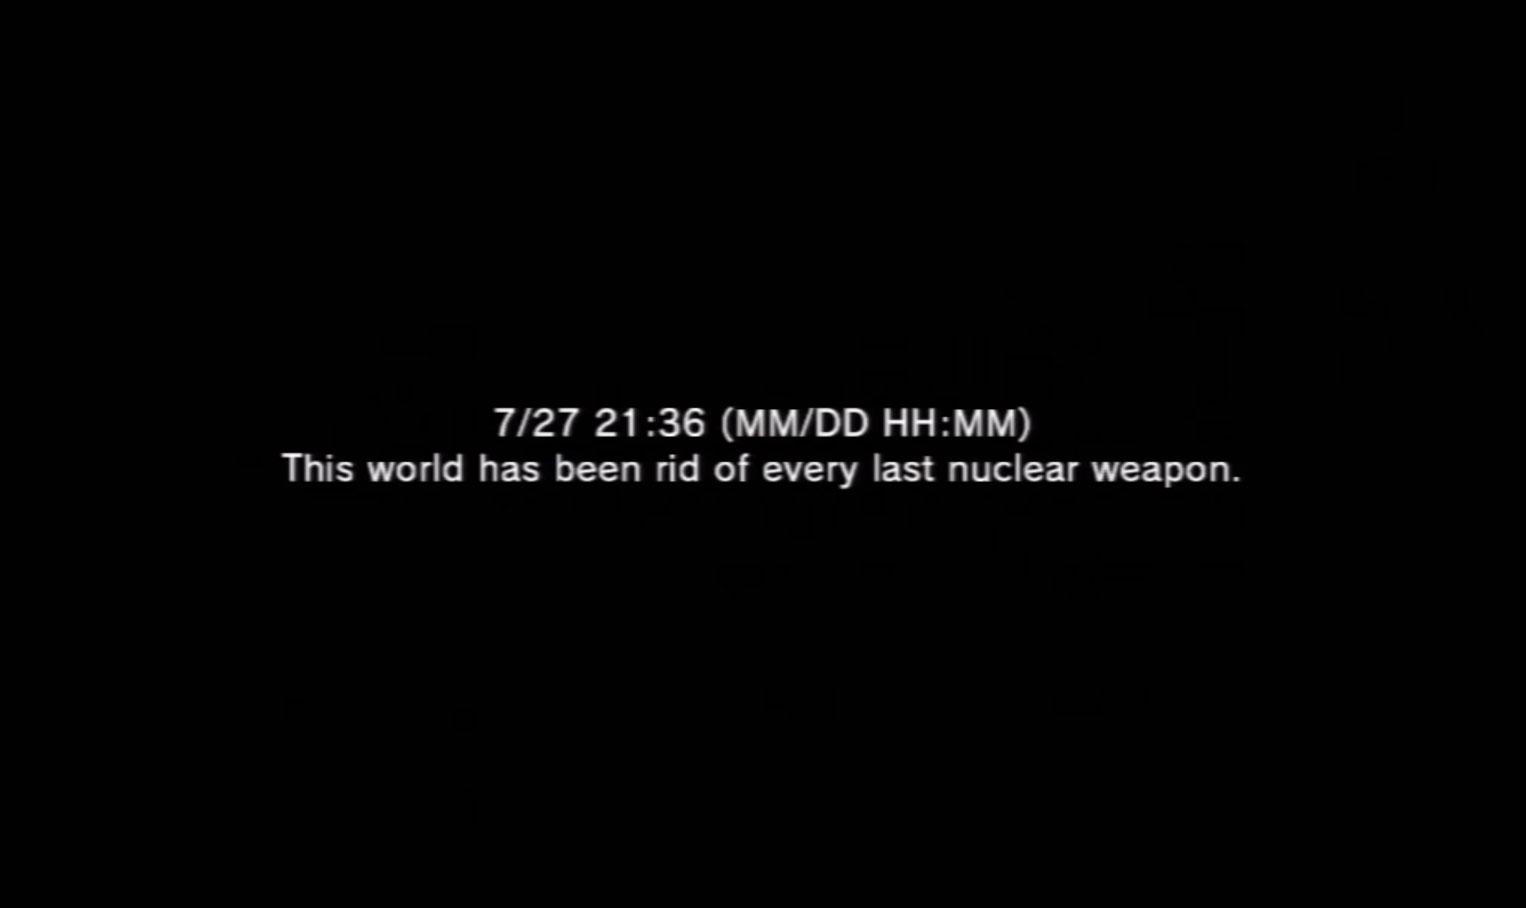 PS3版《潜龙谍影5:幻痛》终于达成无核结局,历时近5年